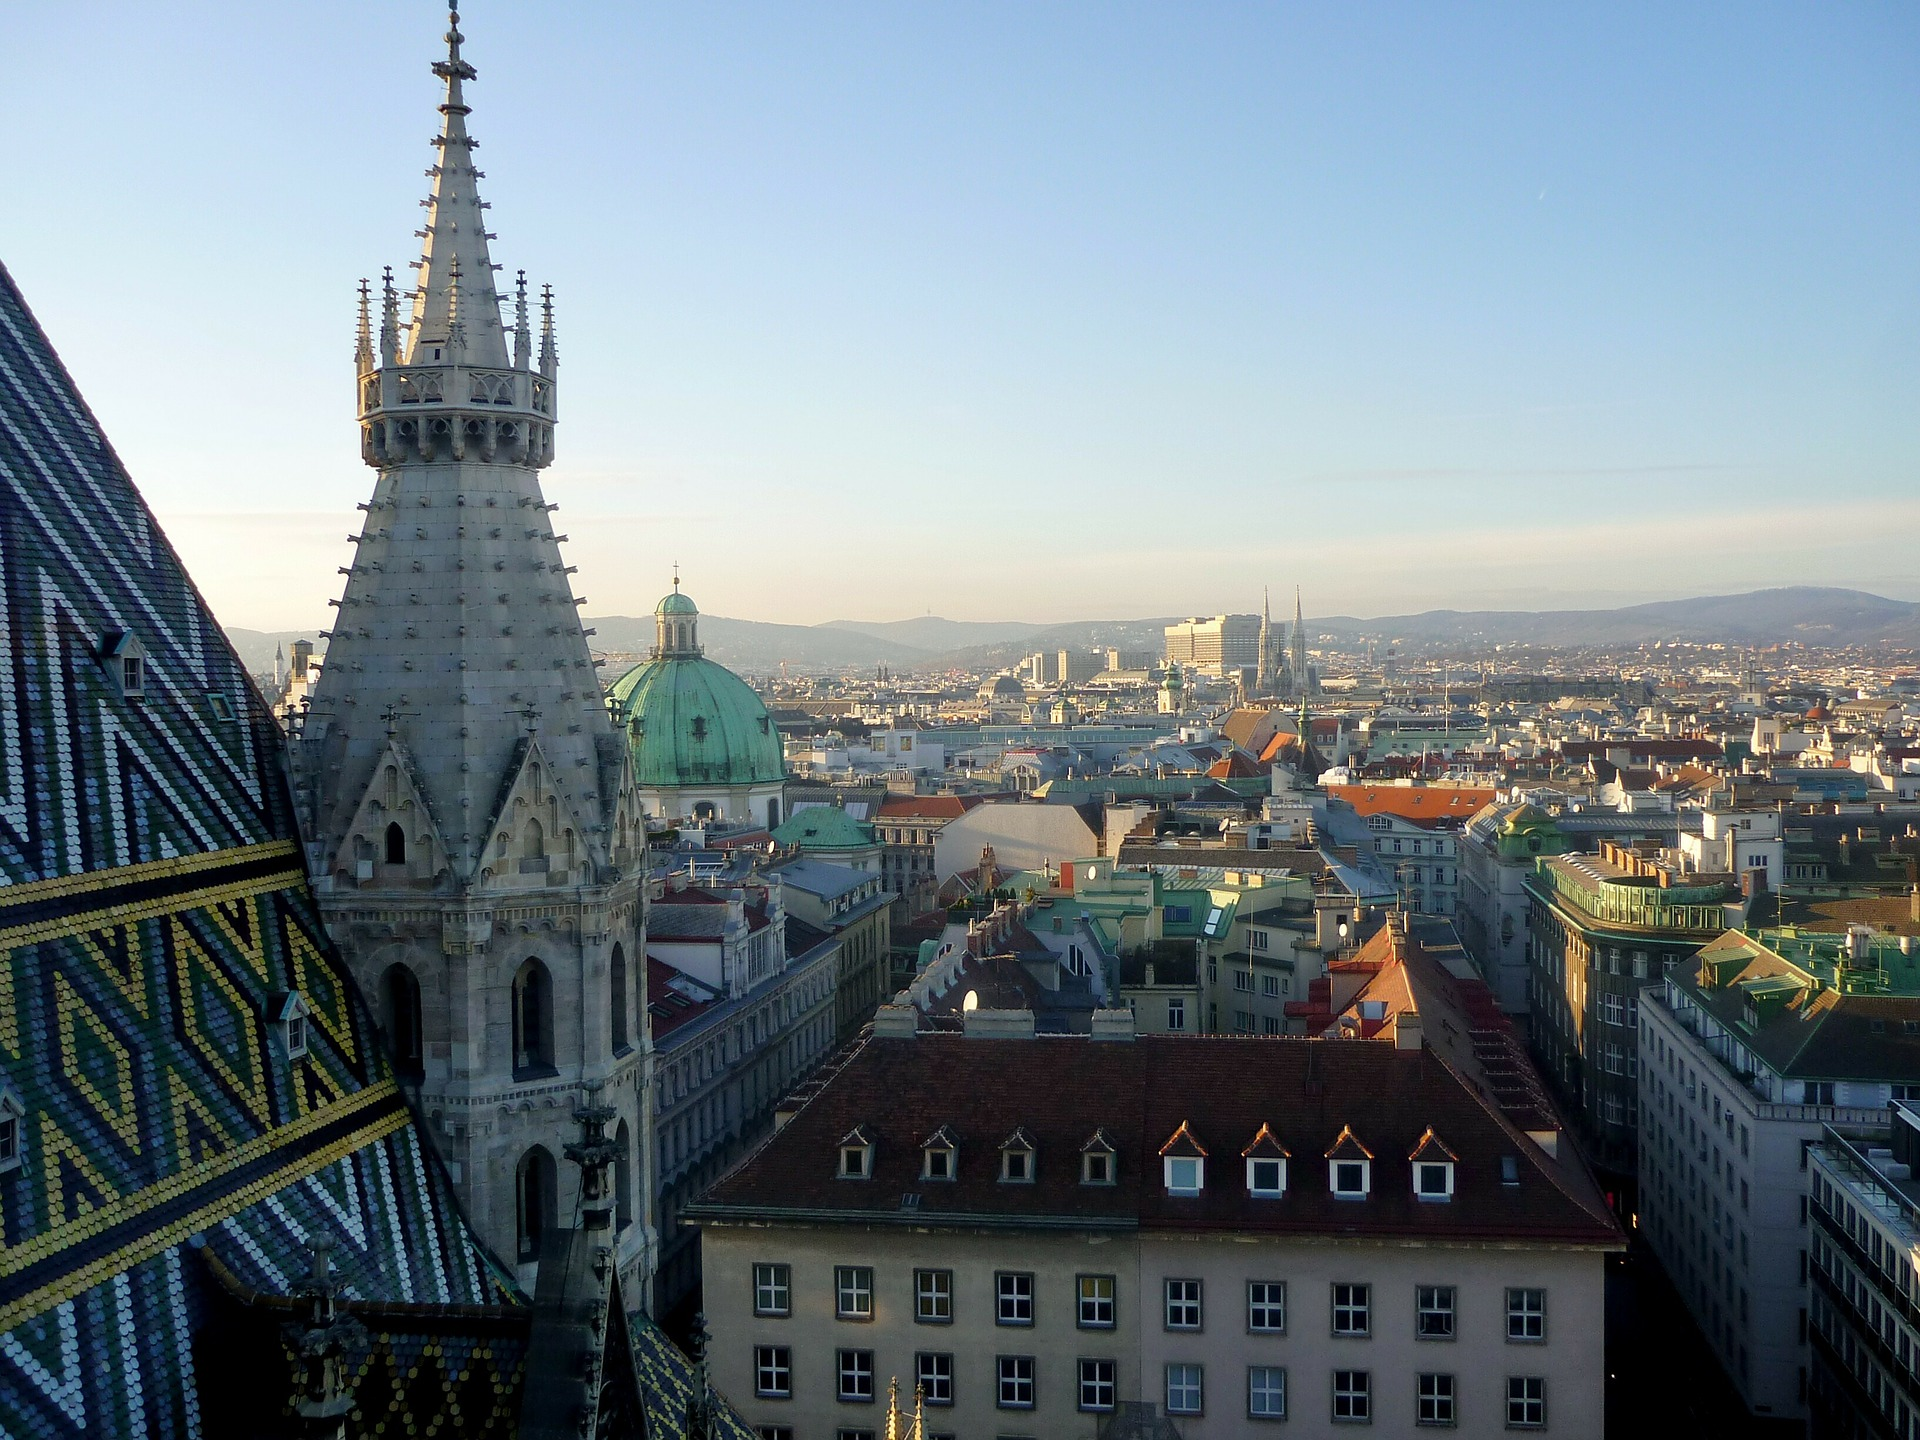 Tolle Aussicht vom Nordturm